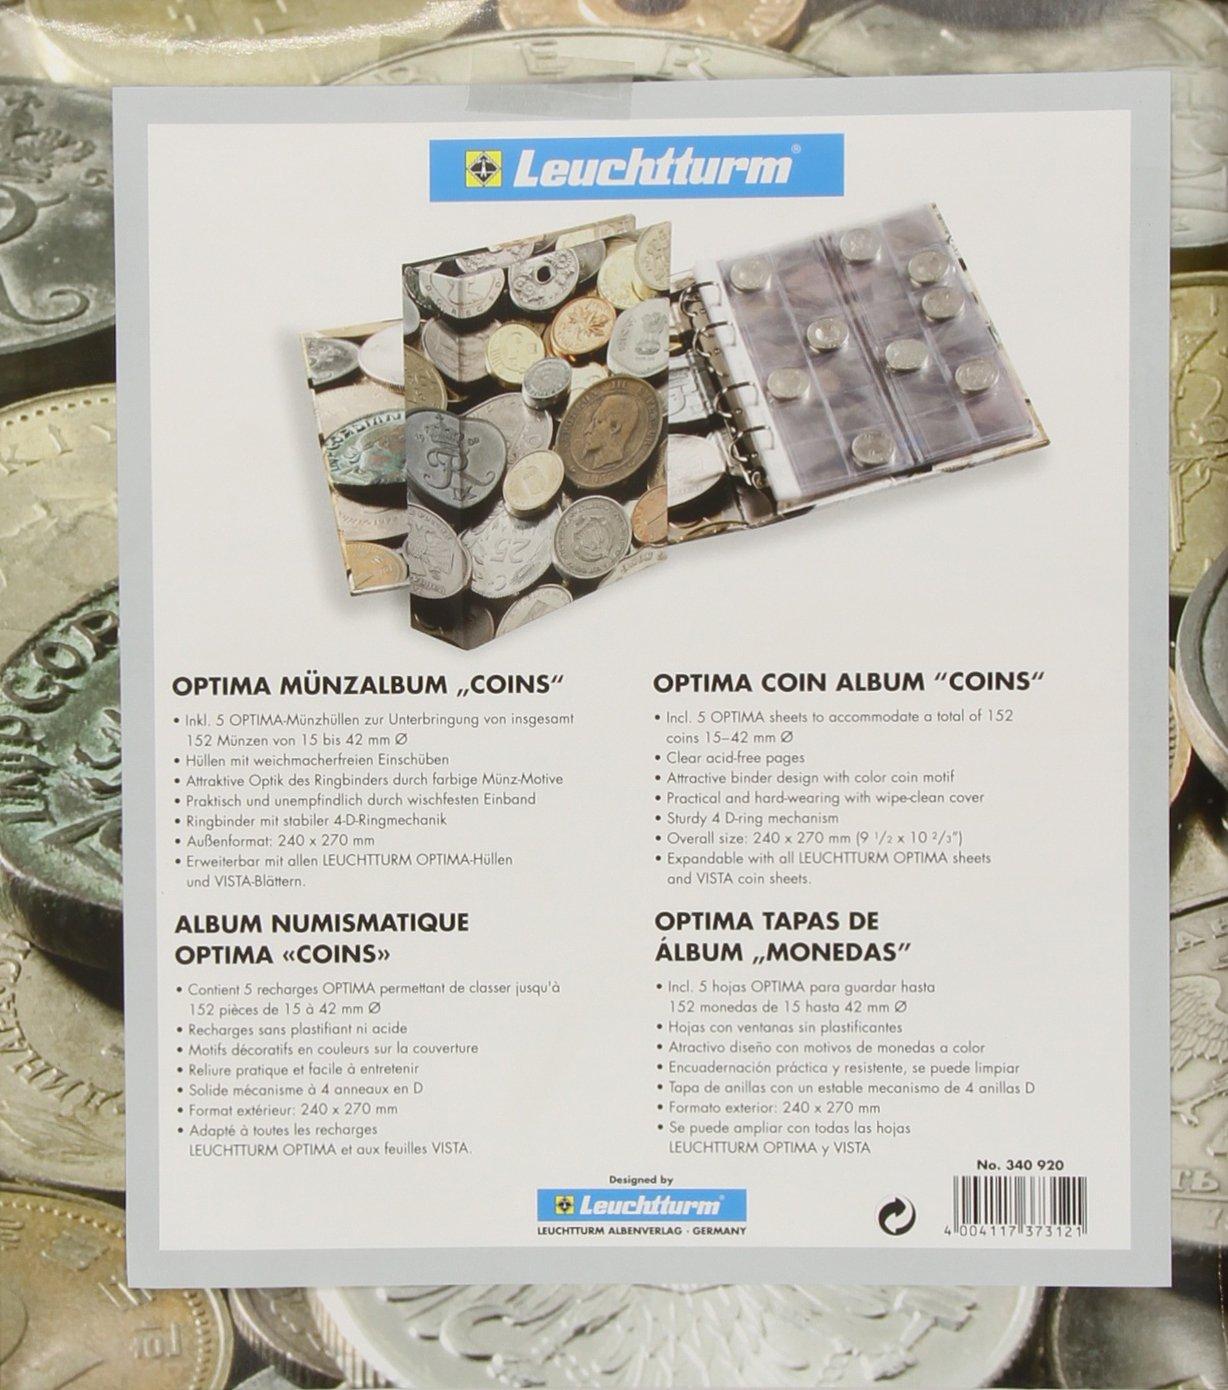 Leuchtturm 340920 Münzalbum Optima Coins Sammelalbum Für Münzen